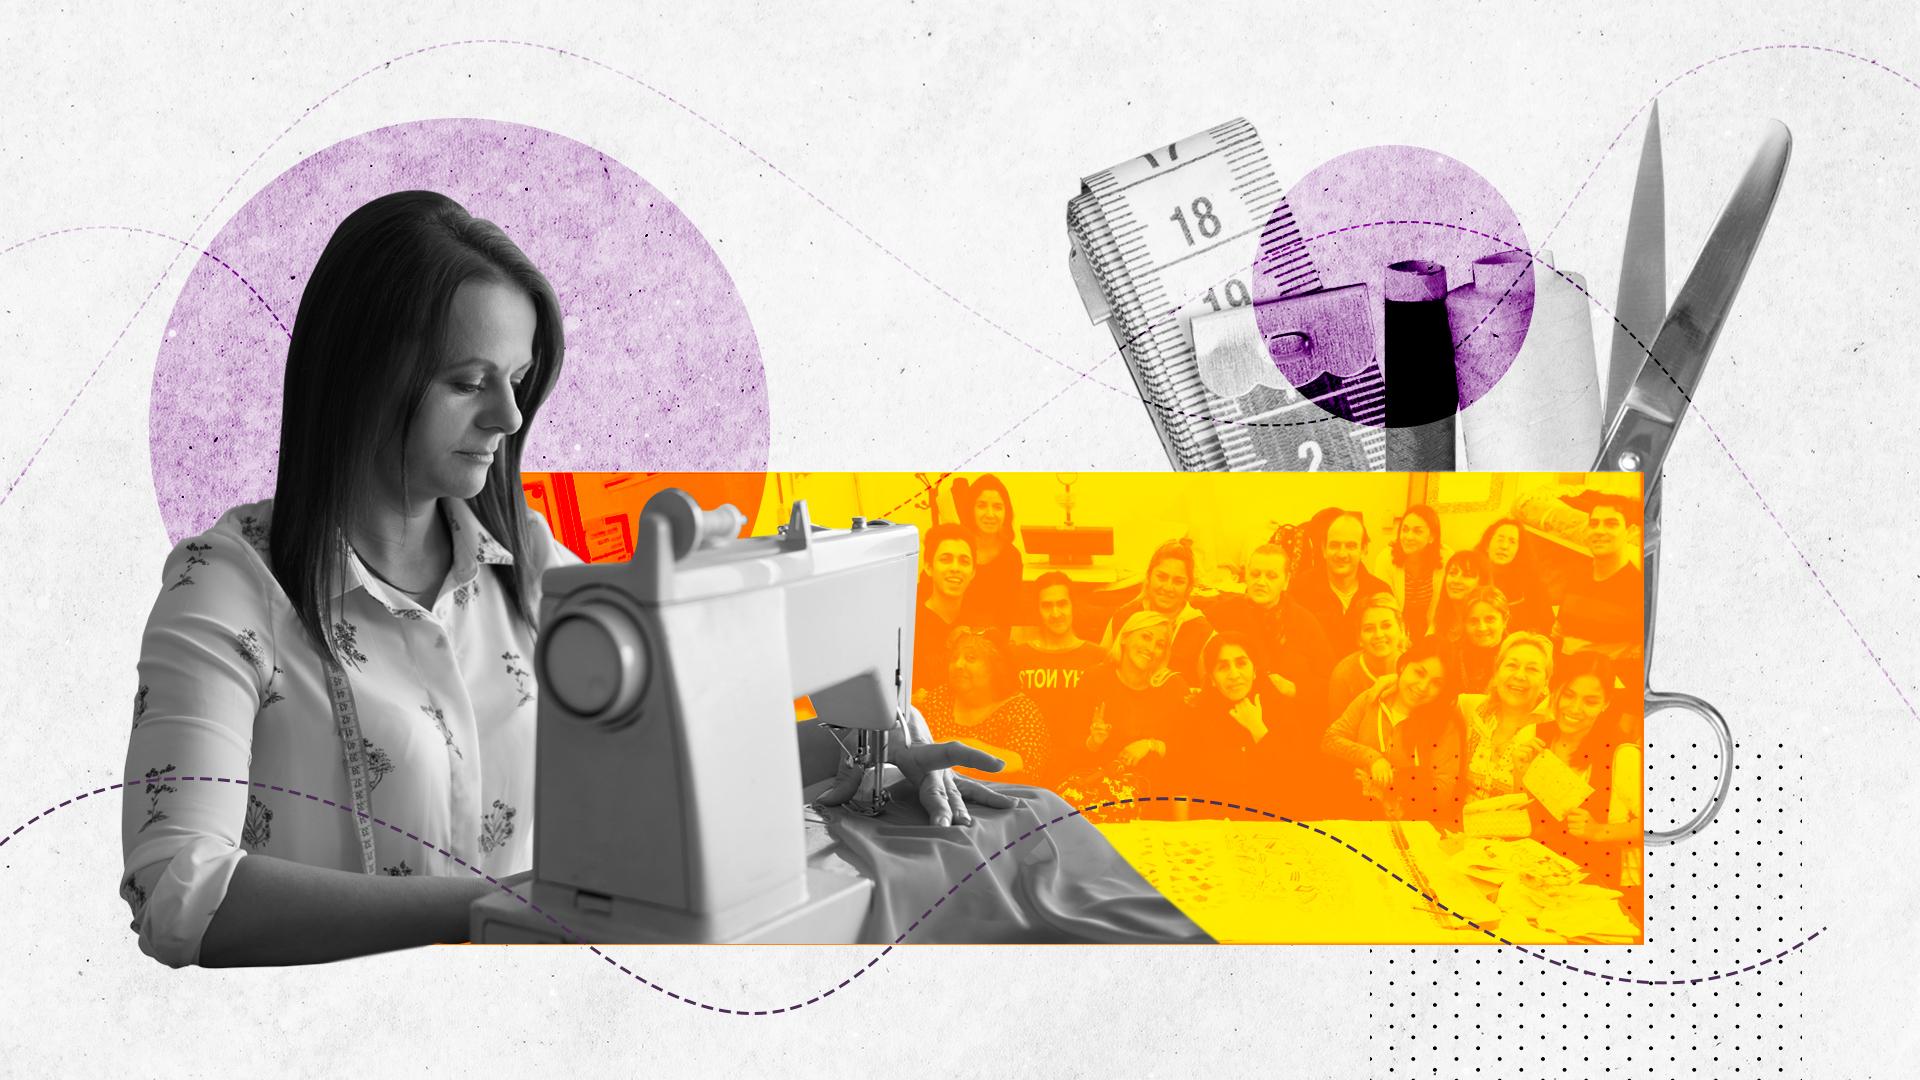 Los cursos de costura la salvaron de la calle: la historia de Cristina García y la organización Cosiendo Redes